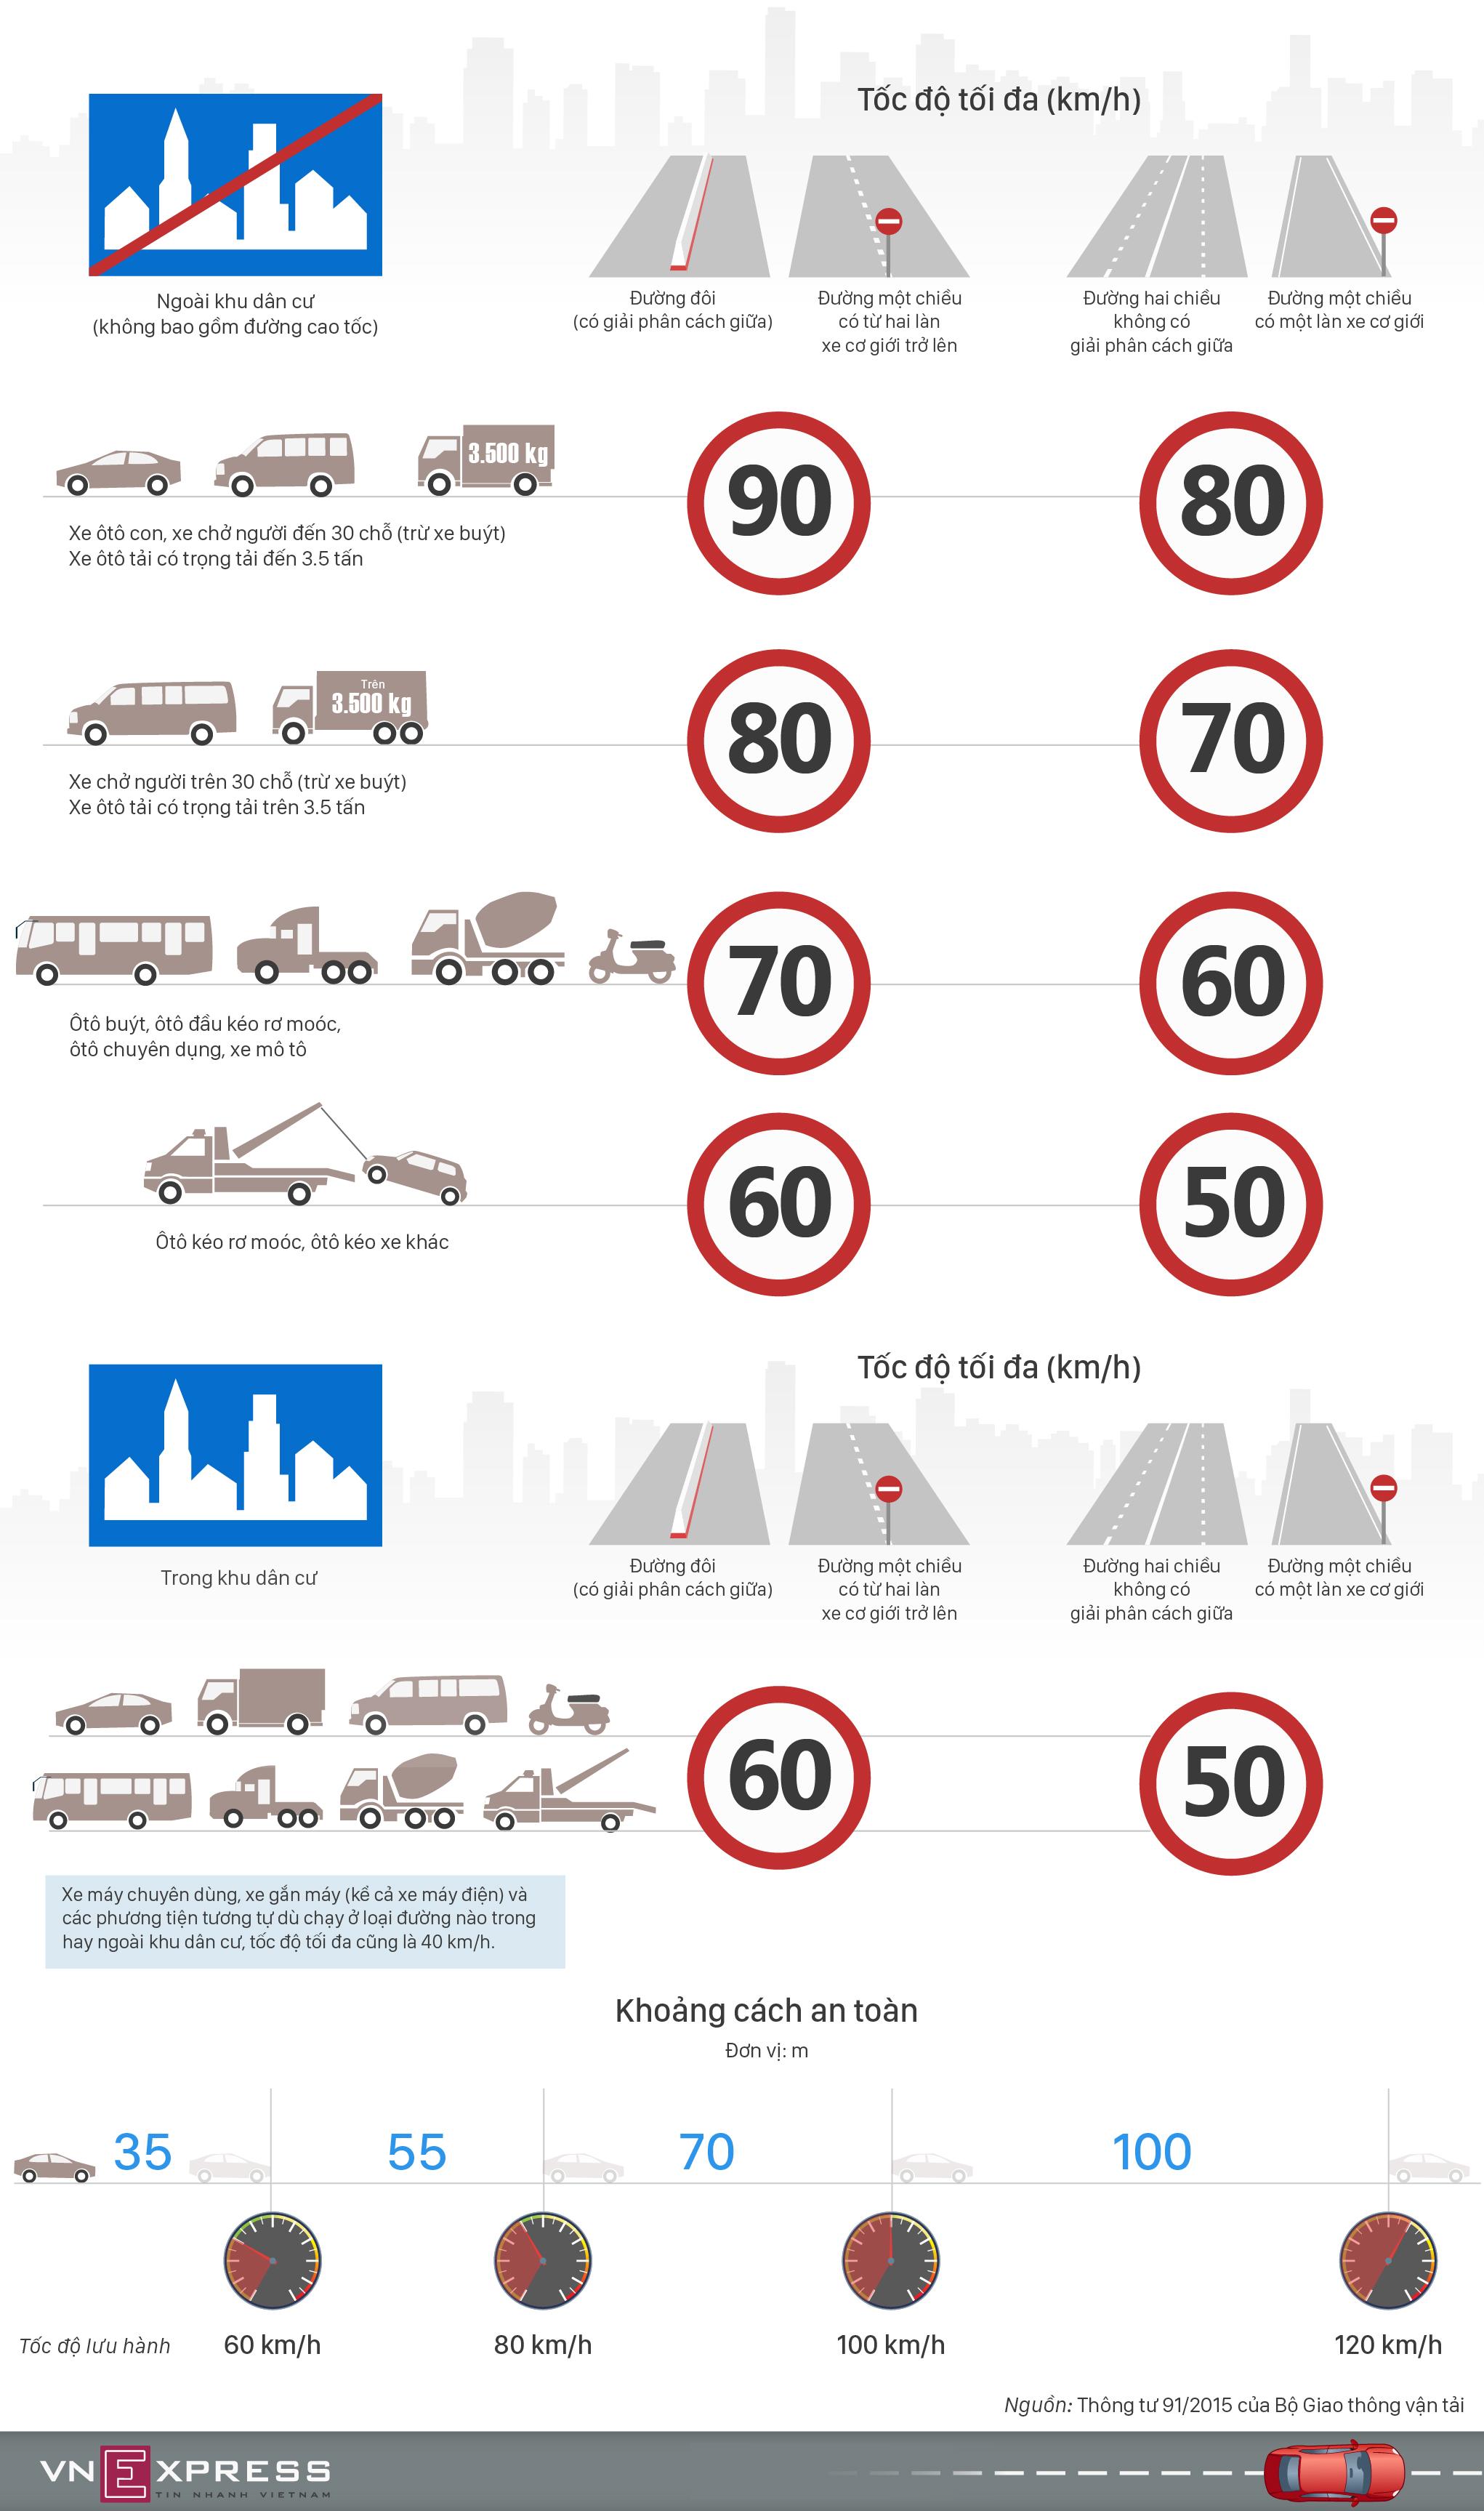 Quy định tốc độ mới tài xế Việt cần nhớ